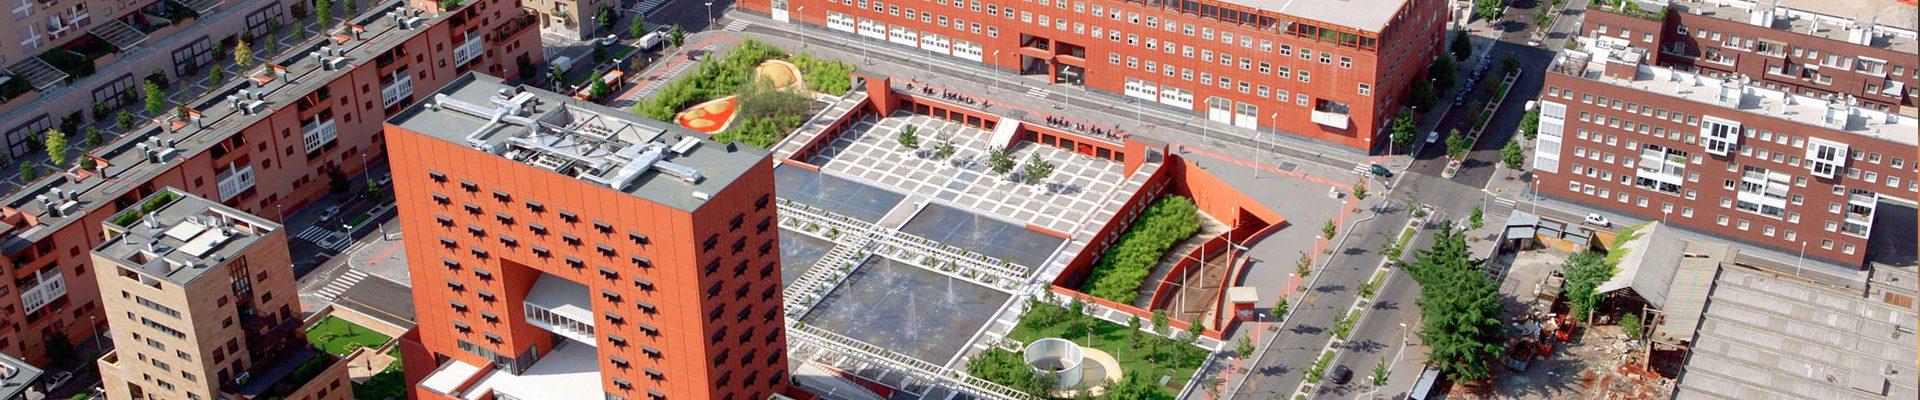 University of Milano Bicocca